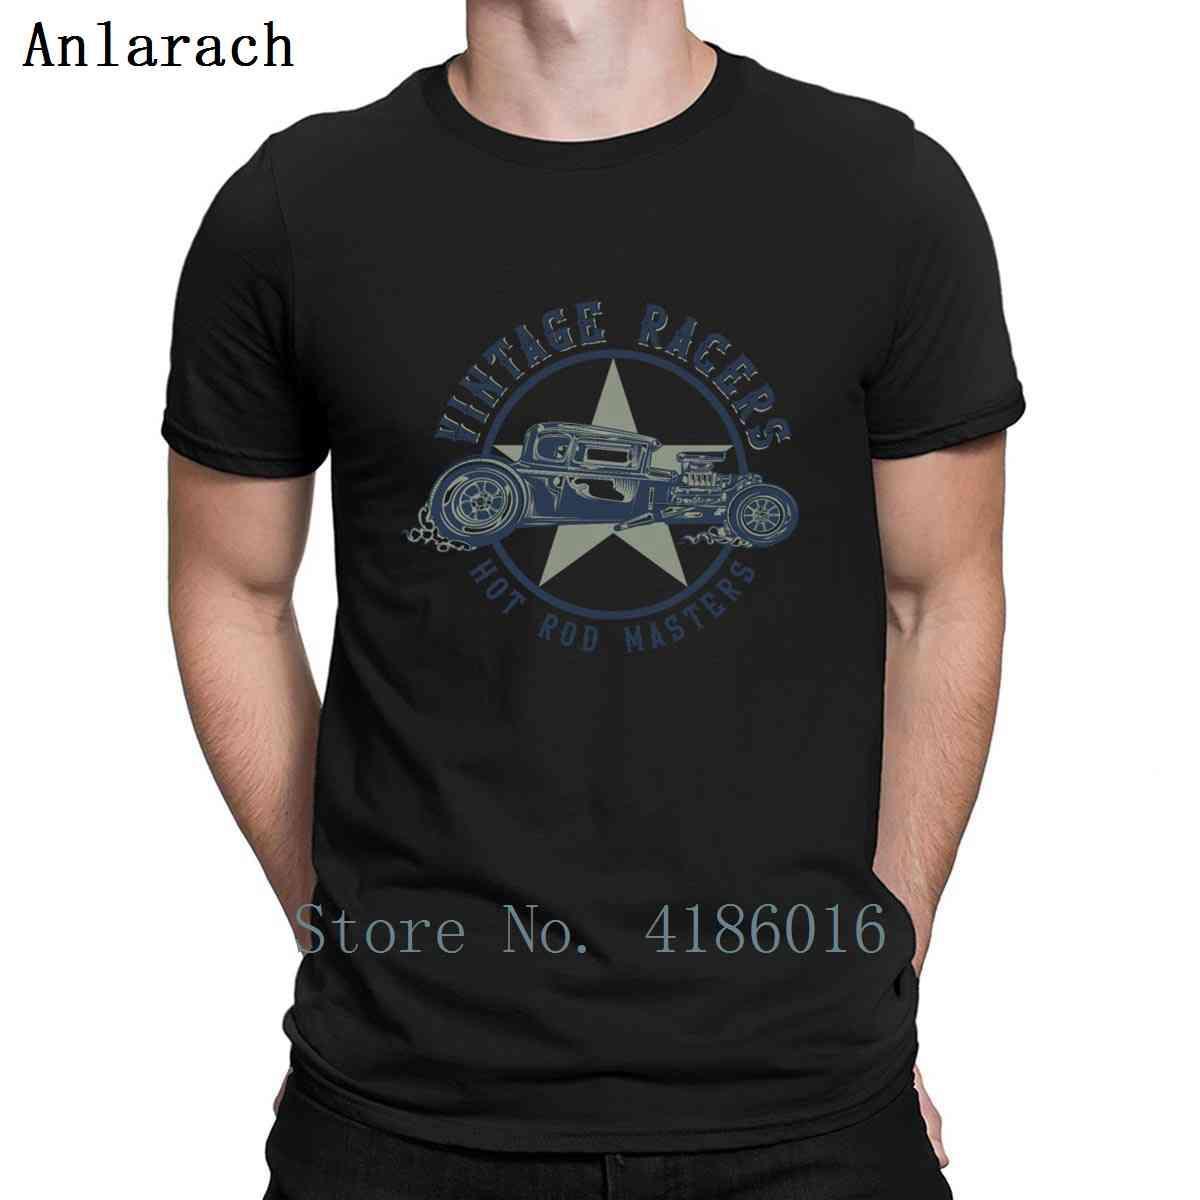 Vintage Road Runner Hot Rod T Shirt di nuovo stile di svago di estate naturale disegno di formato S-5XL Fitness Tee Shirt